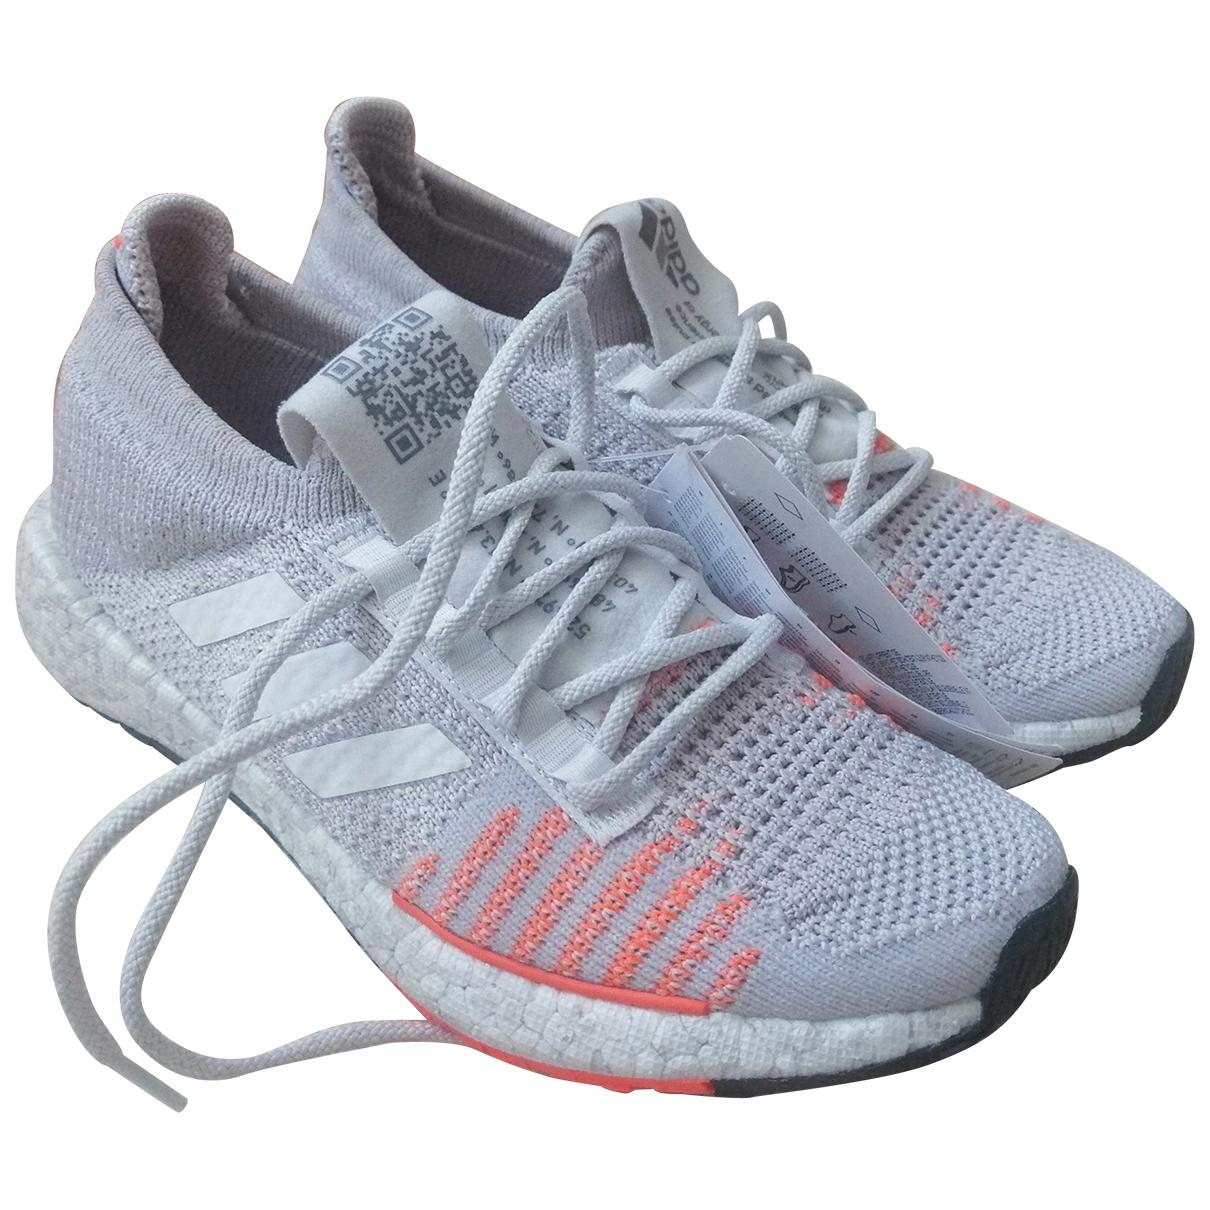 Adidas \N Grey Cloth Trainers for Women 36 EU